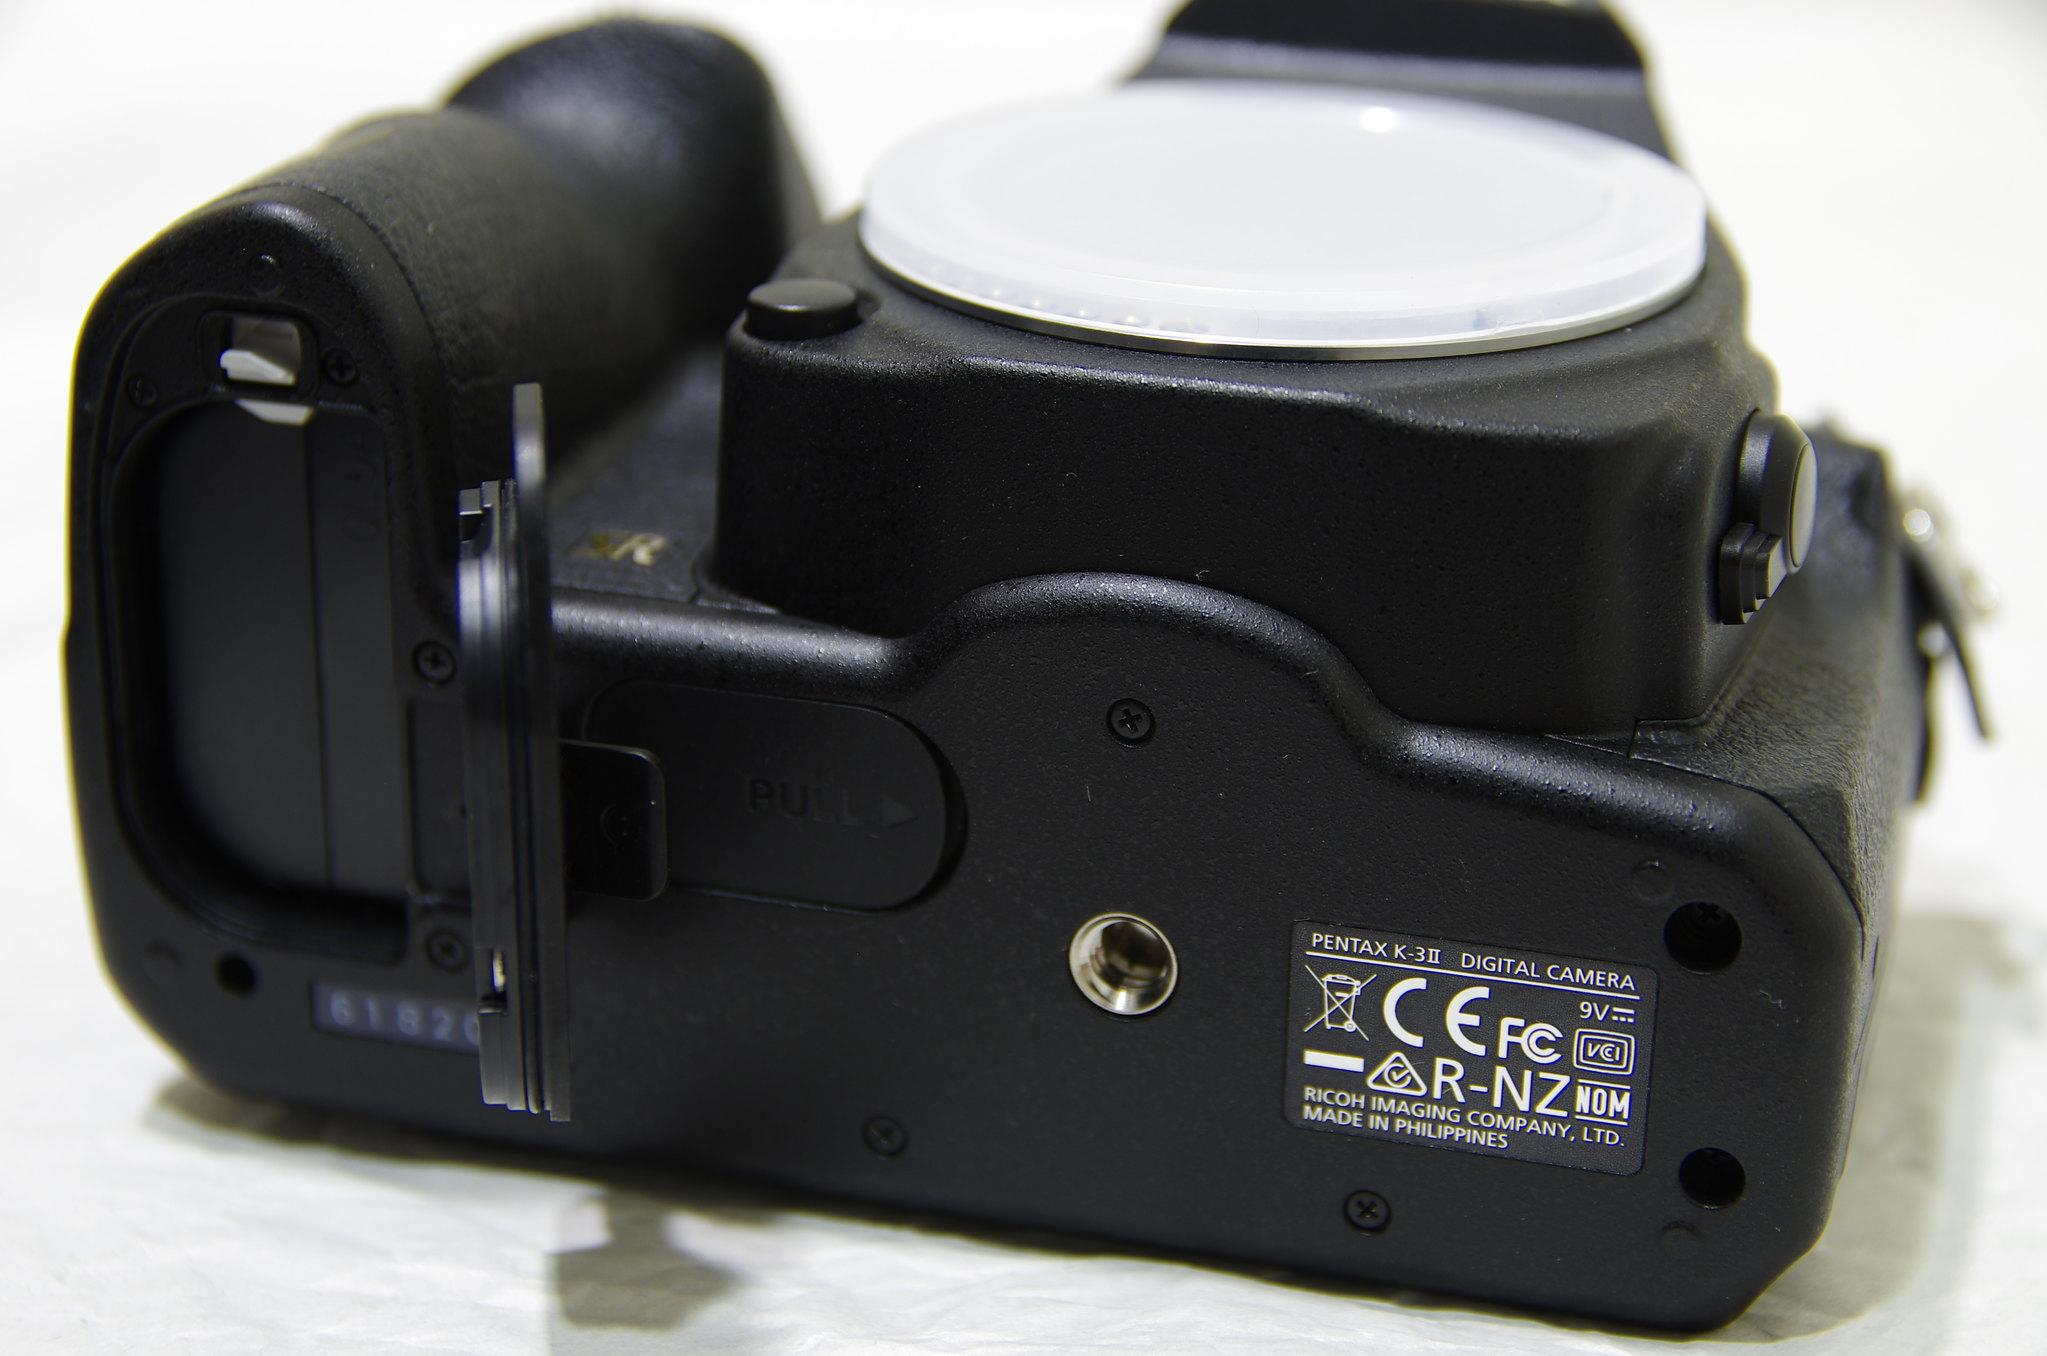 Pentax K-3 ii Body